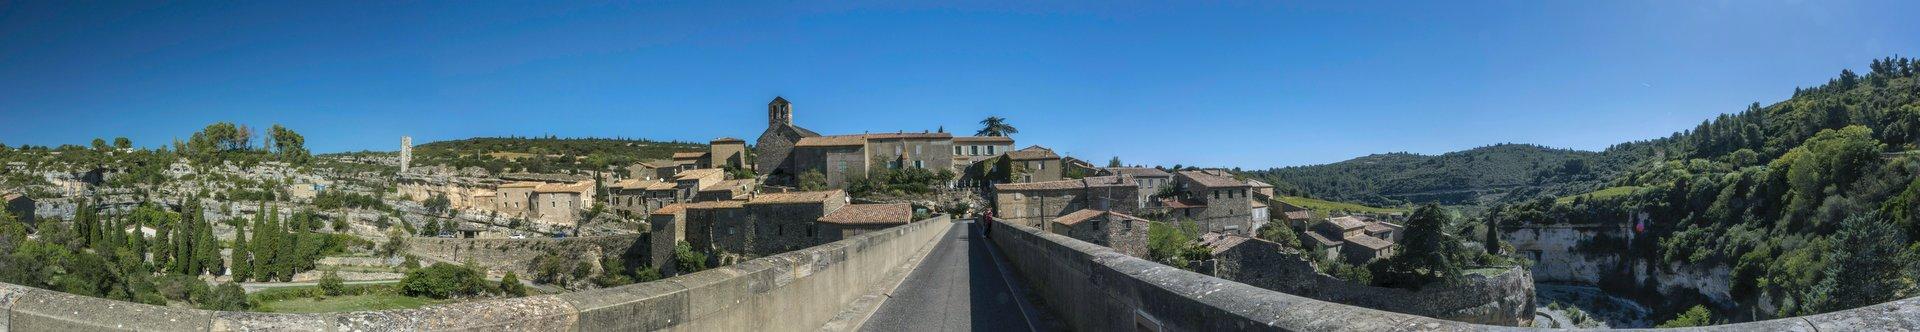 Östliches Panorama von der Brücke nach Minerve